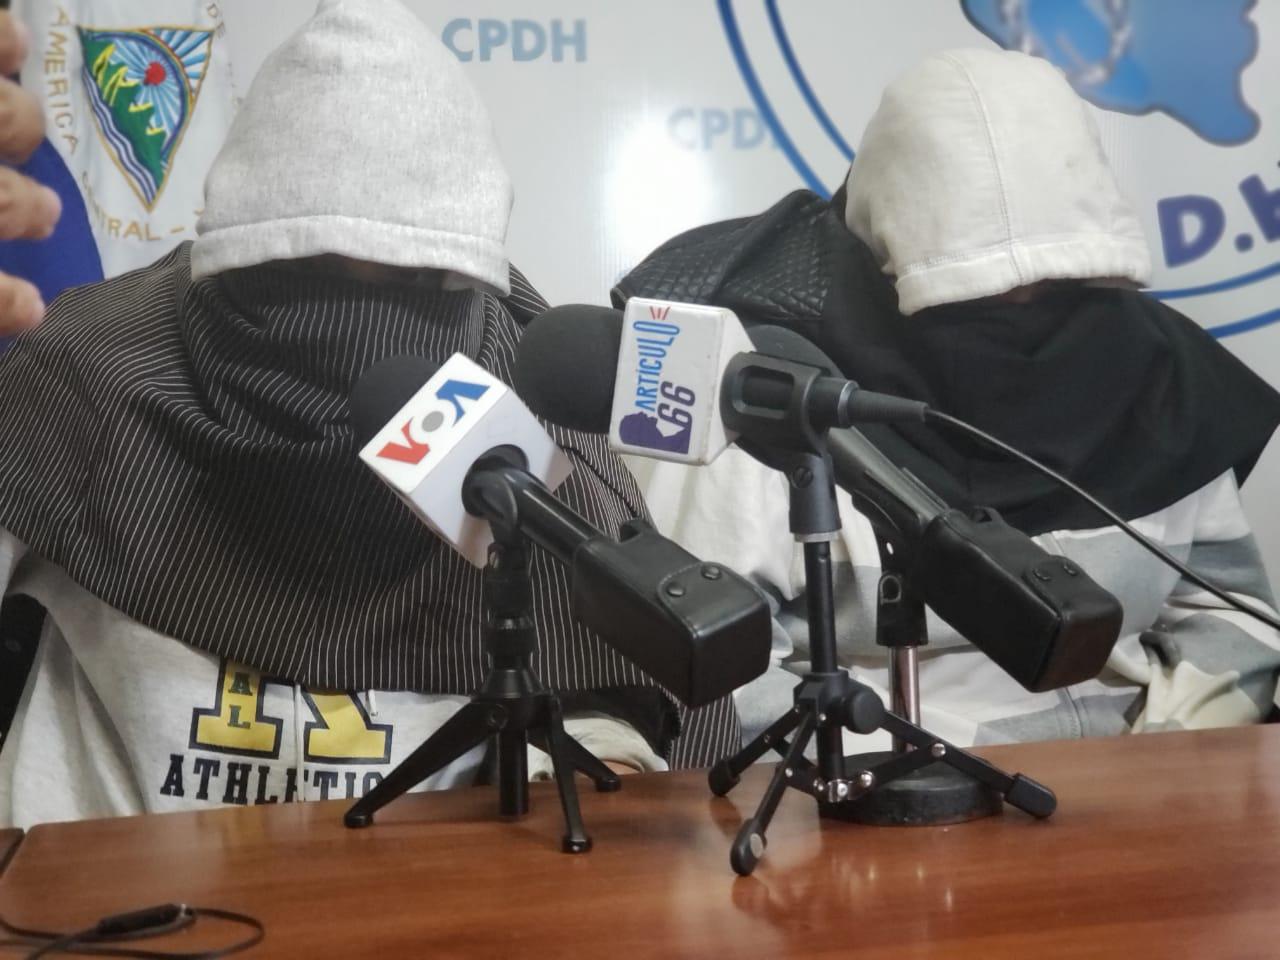 Hermanas denunciaron ante la CPDH el secuestro por paramilitares del que fueron víctimas la noche del lunes 21 de octubre. Foto: G. Shiffman / Artículo 66